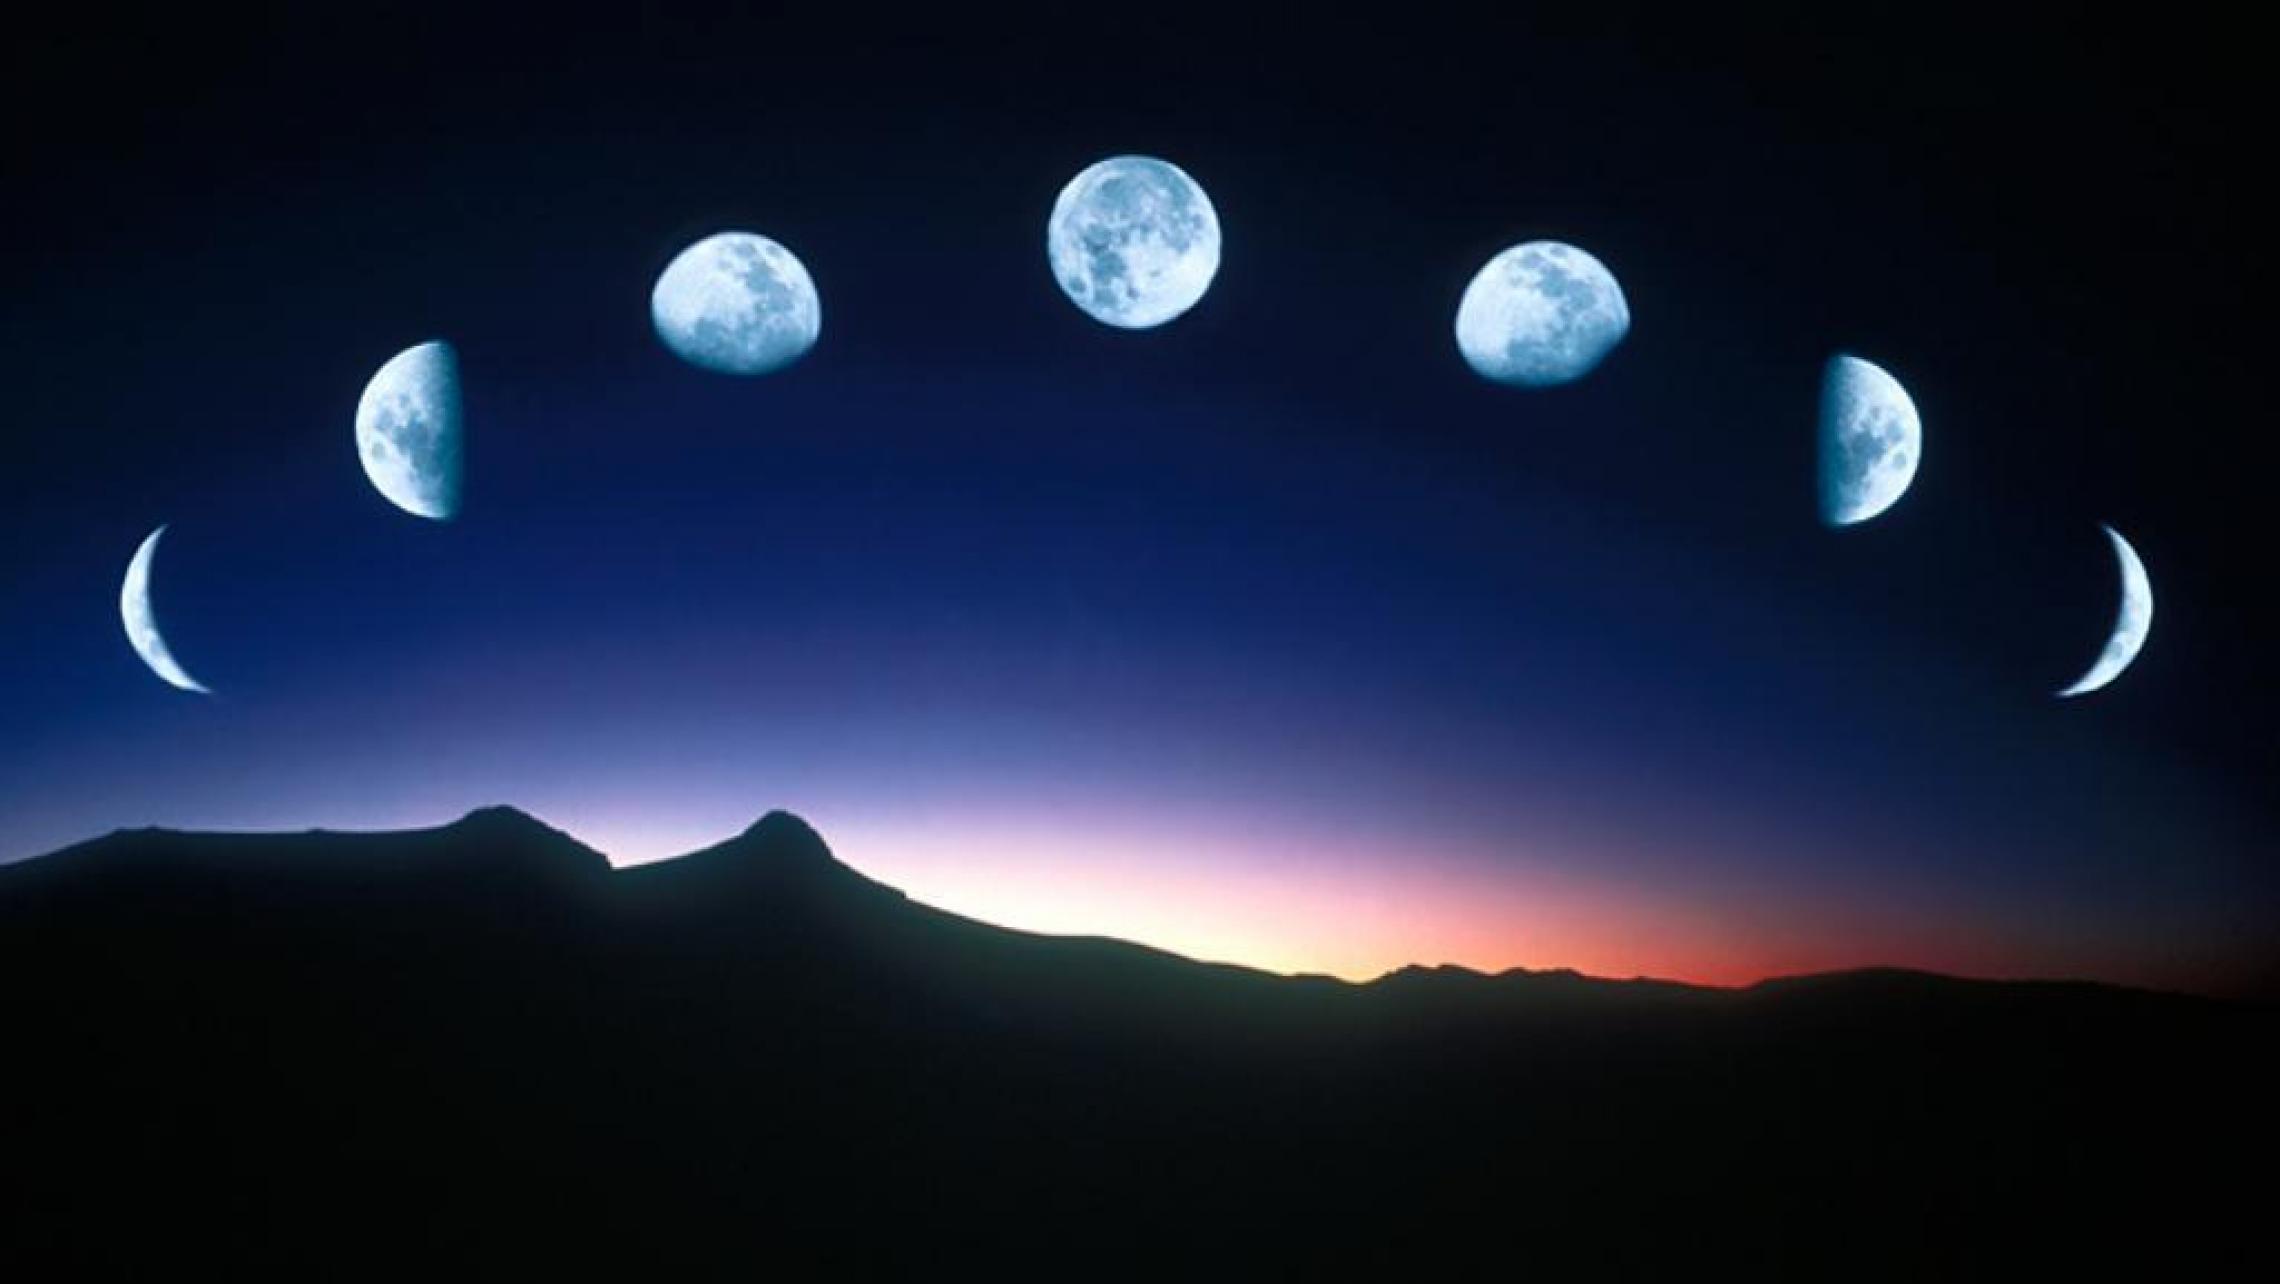 ¿Por qué el mes de julio tendrá dos lunas nuevas?